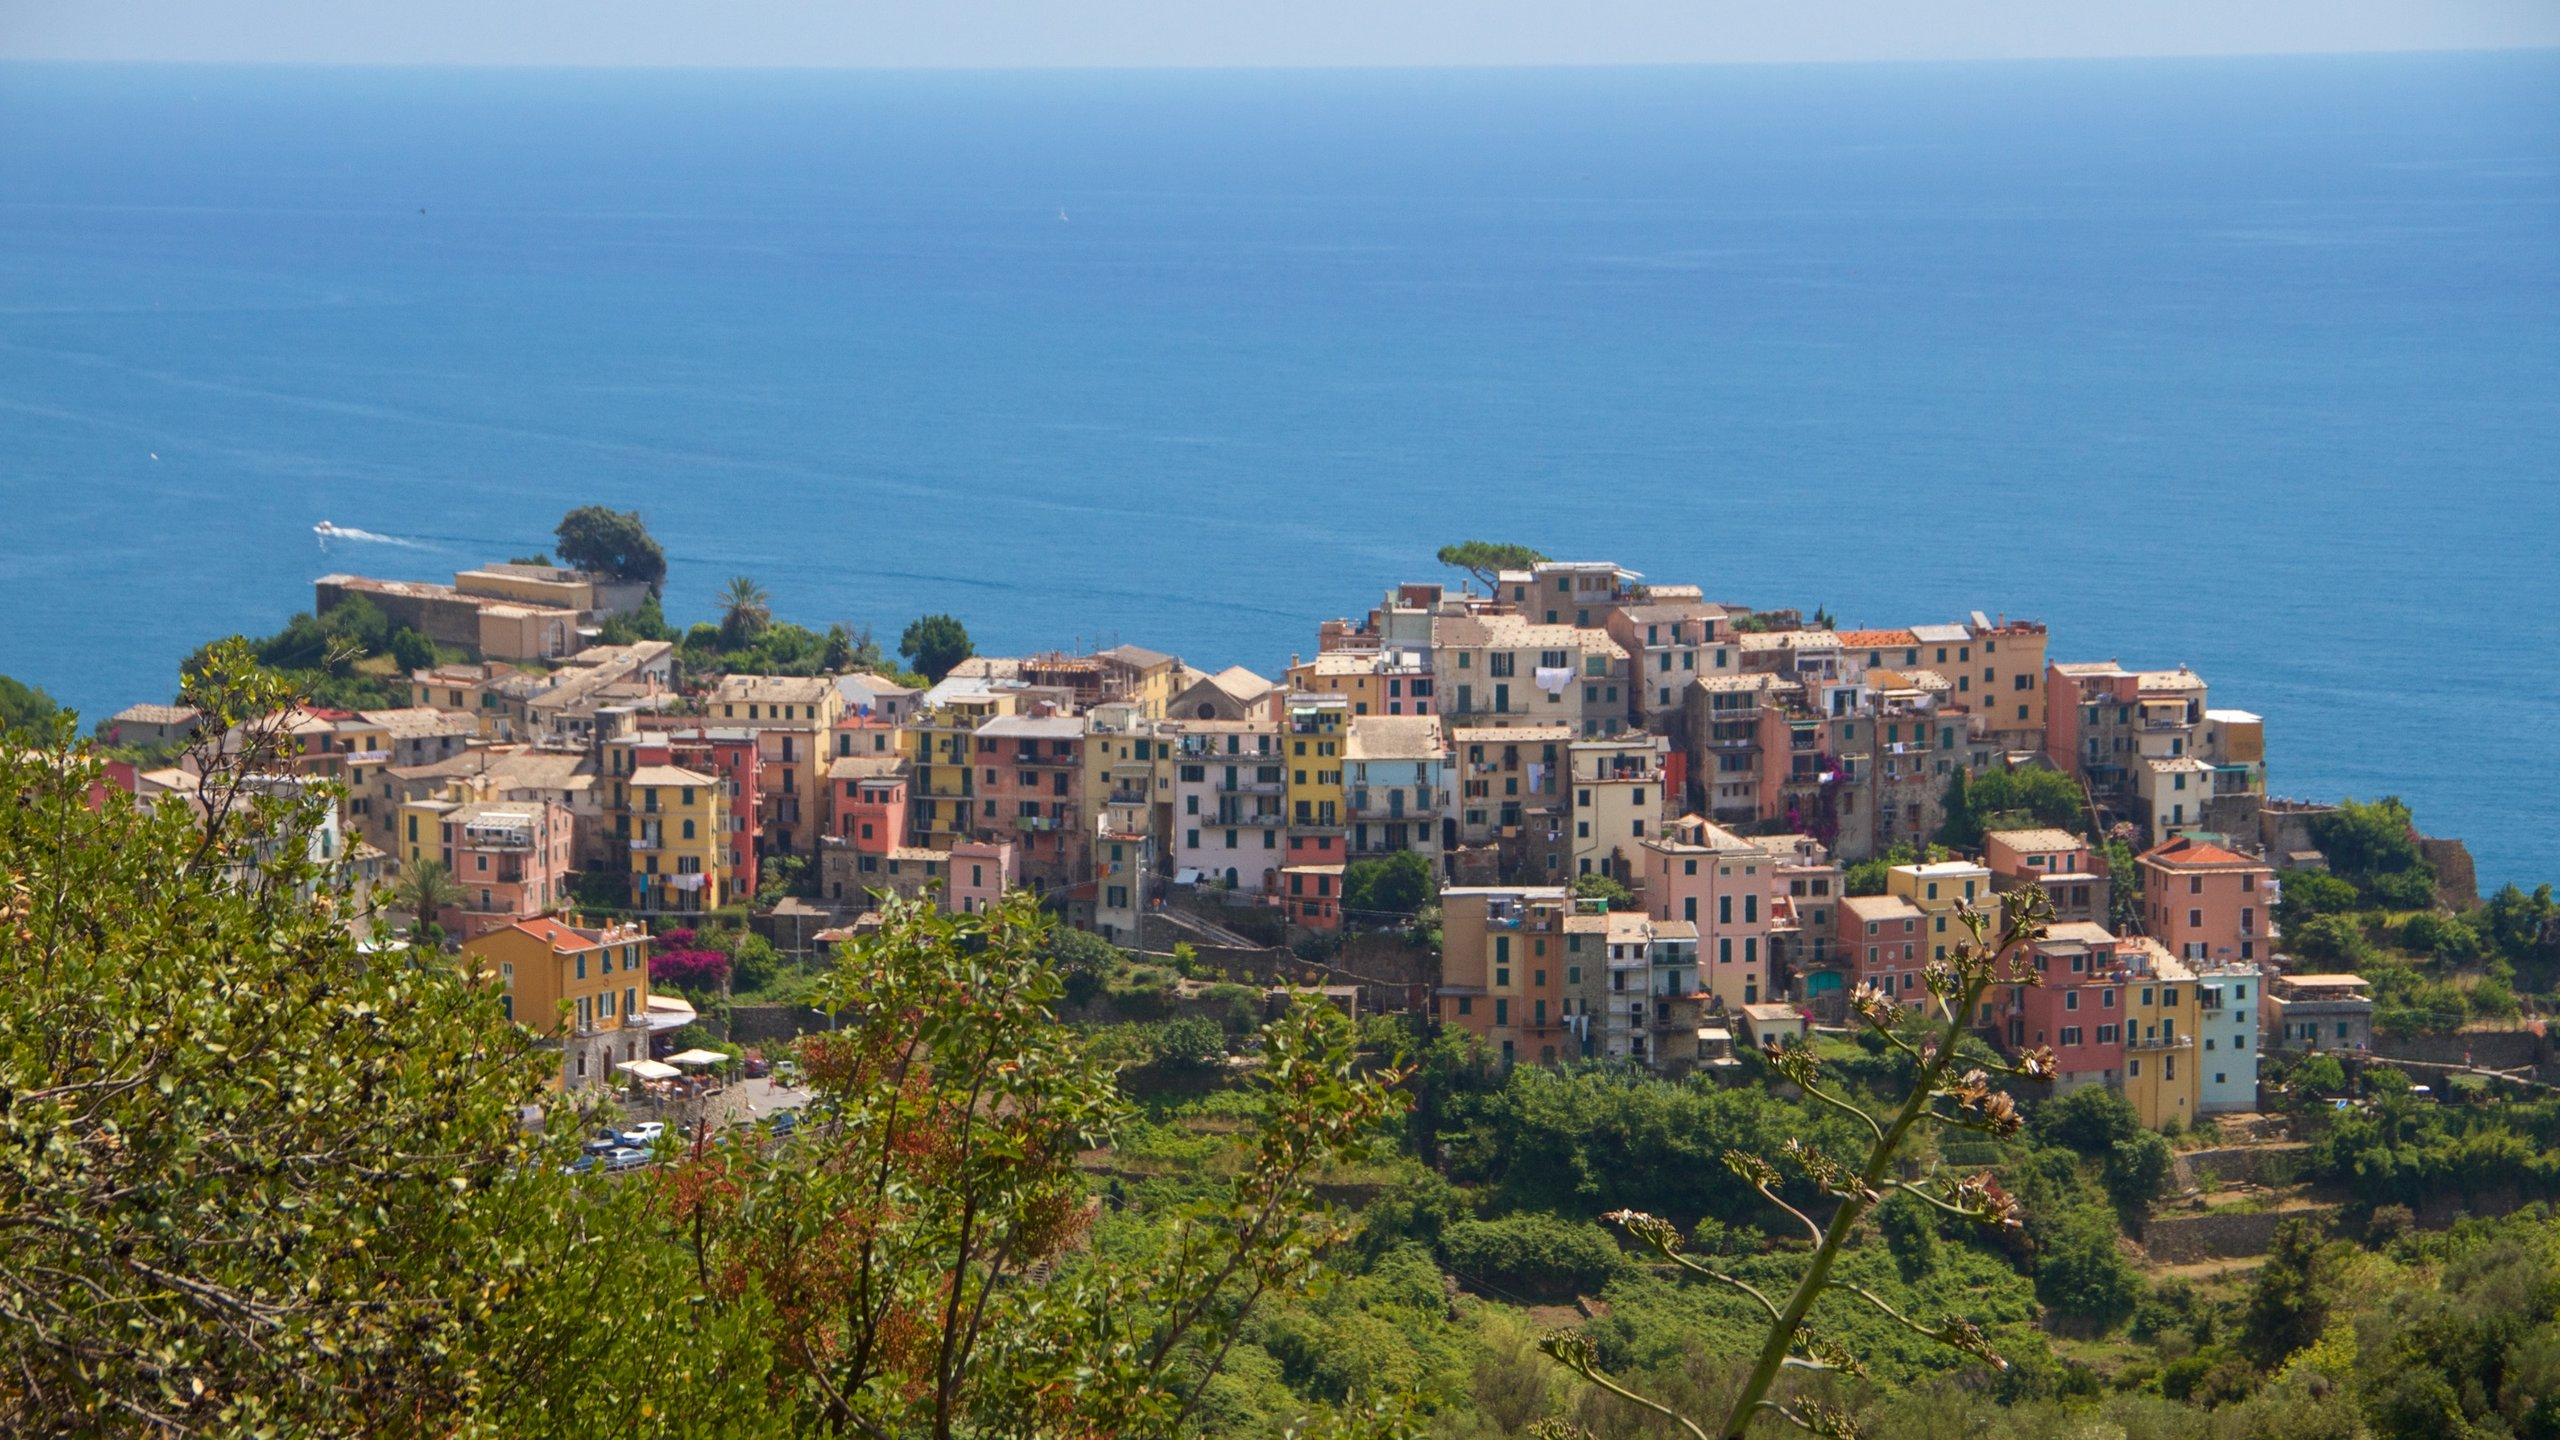 Corniglia, Vernazza, Liguria, Italy